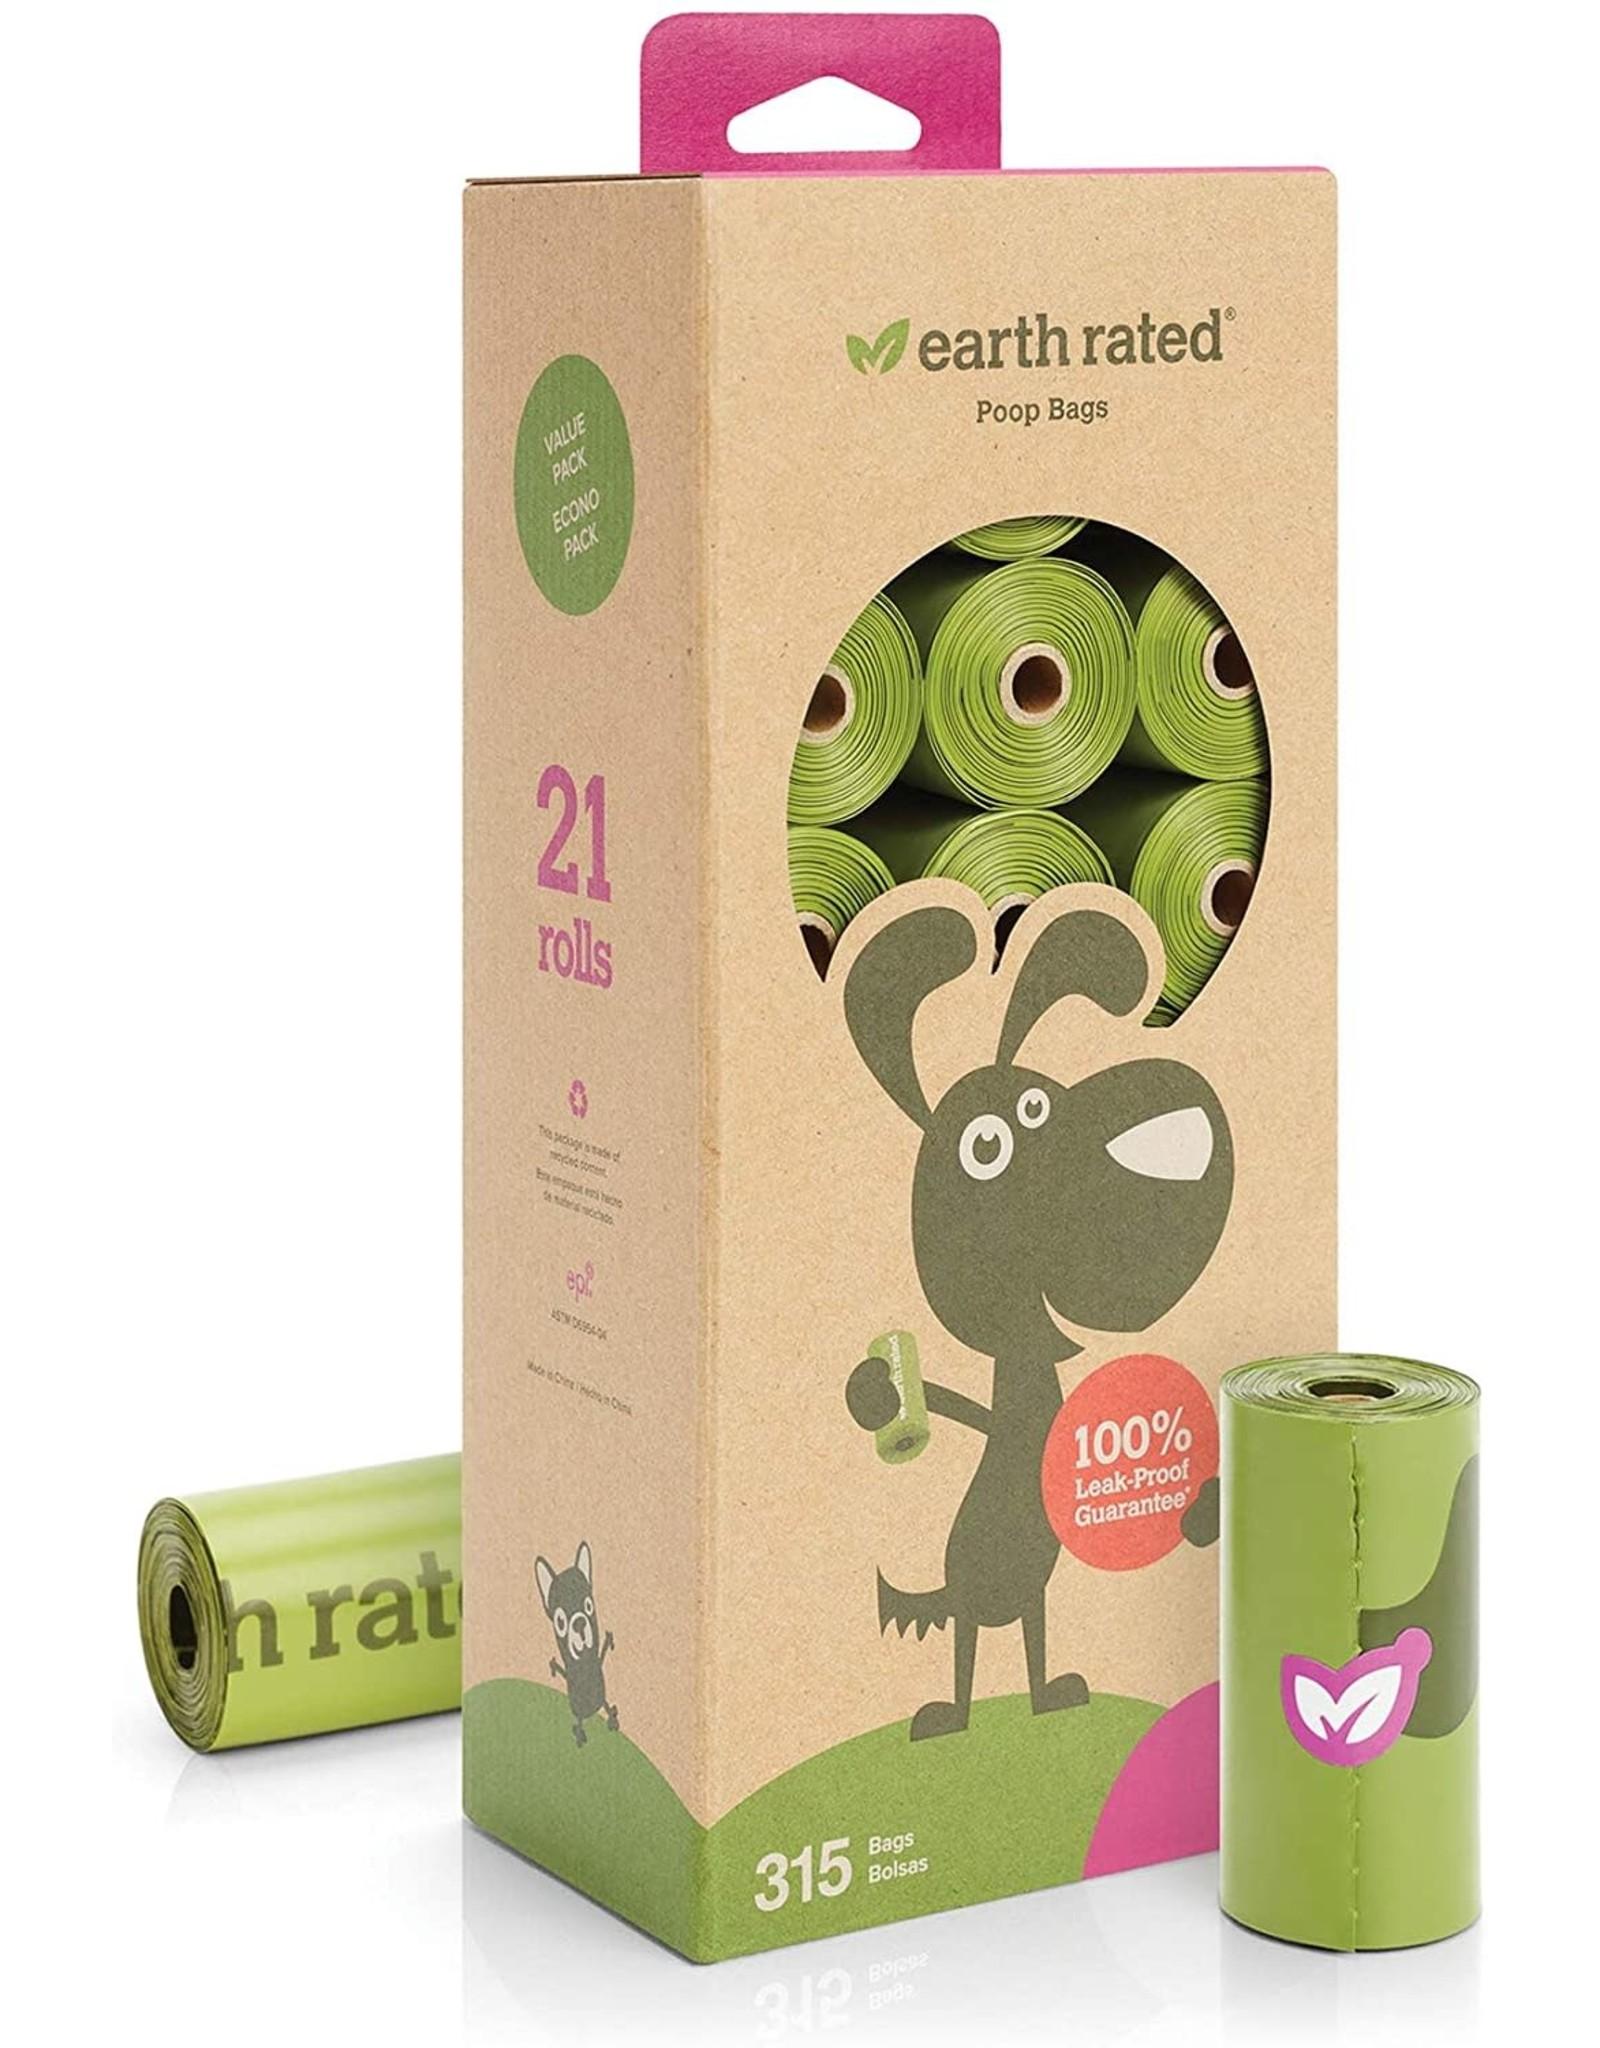 Earthrate Poop Bags Earthrated Poop Bags \ Refill Rolls Bulk (315 Bags)